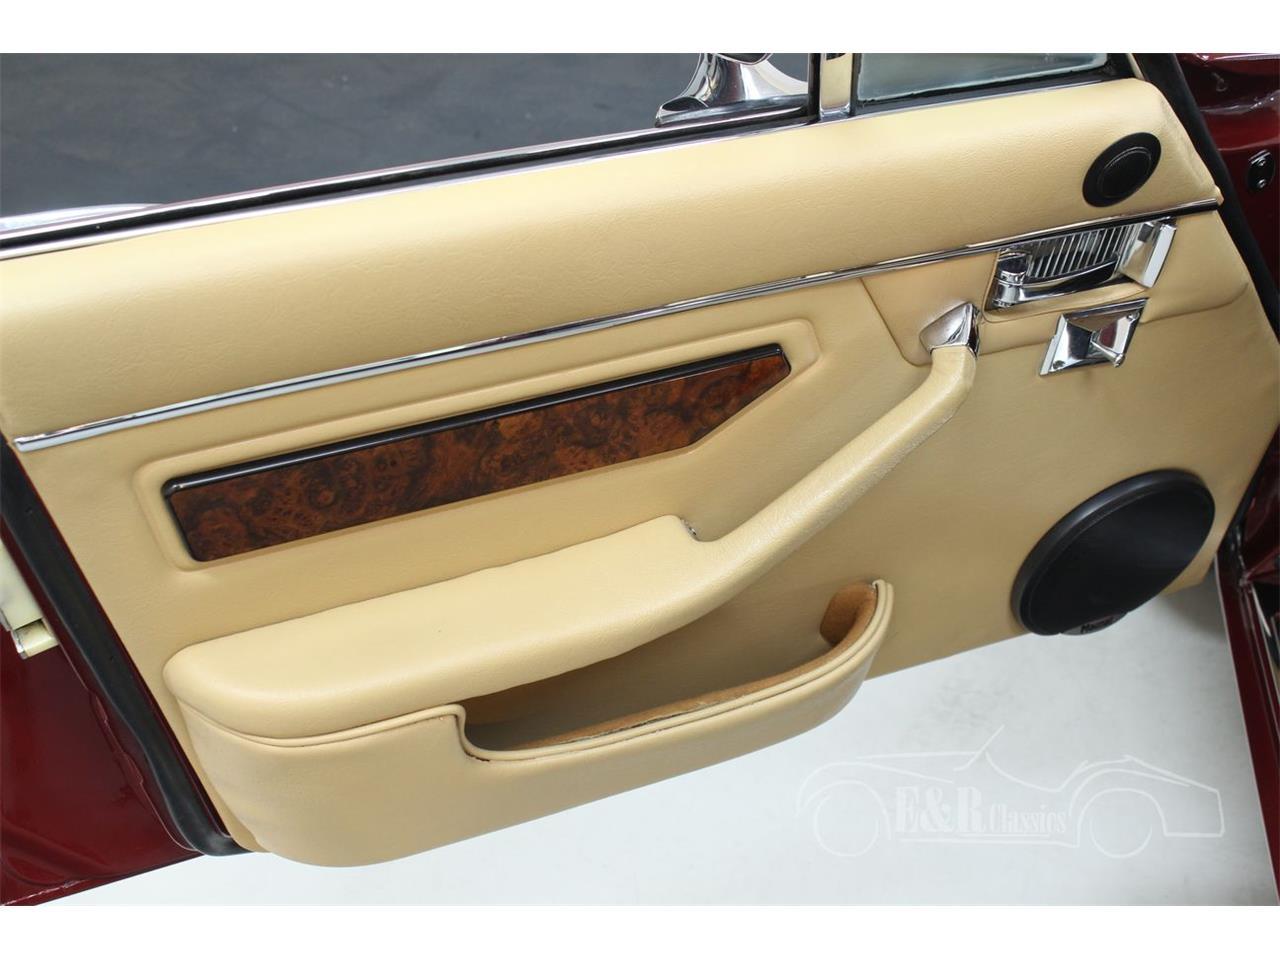 1974 Jaguar XJ6 (CC-1352845) for sale in Waalwijk, Noord Brabant